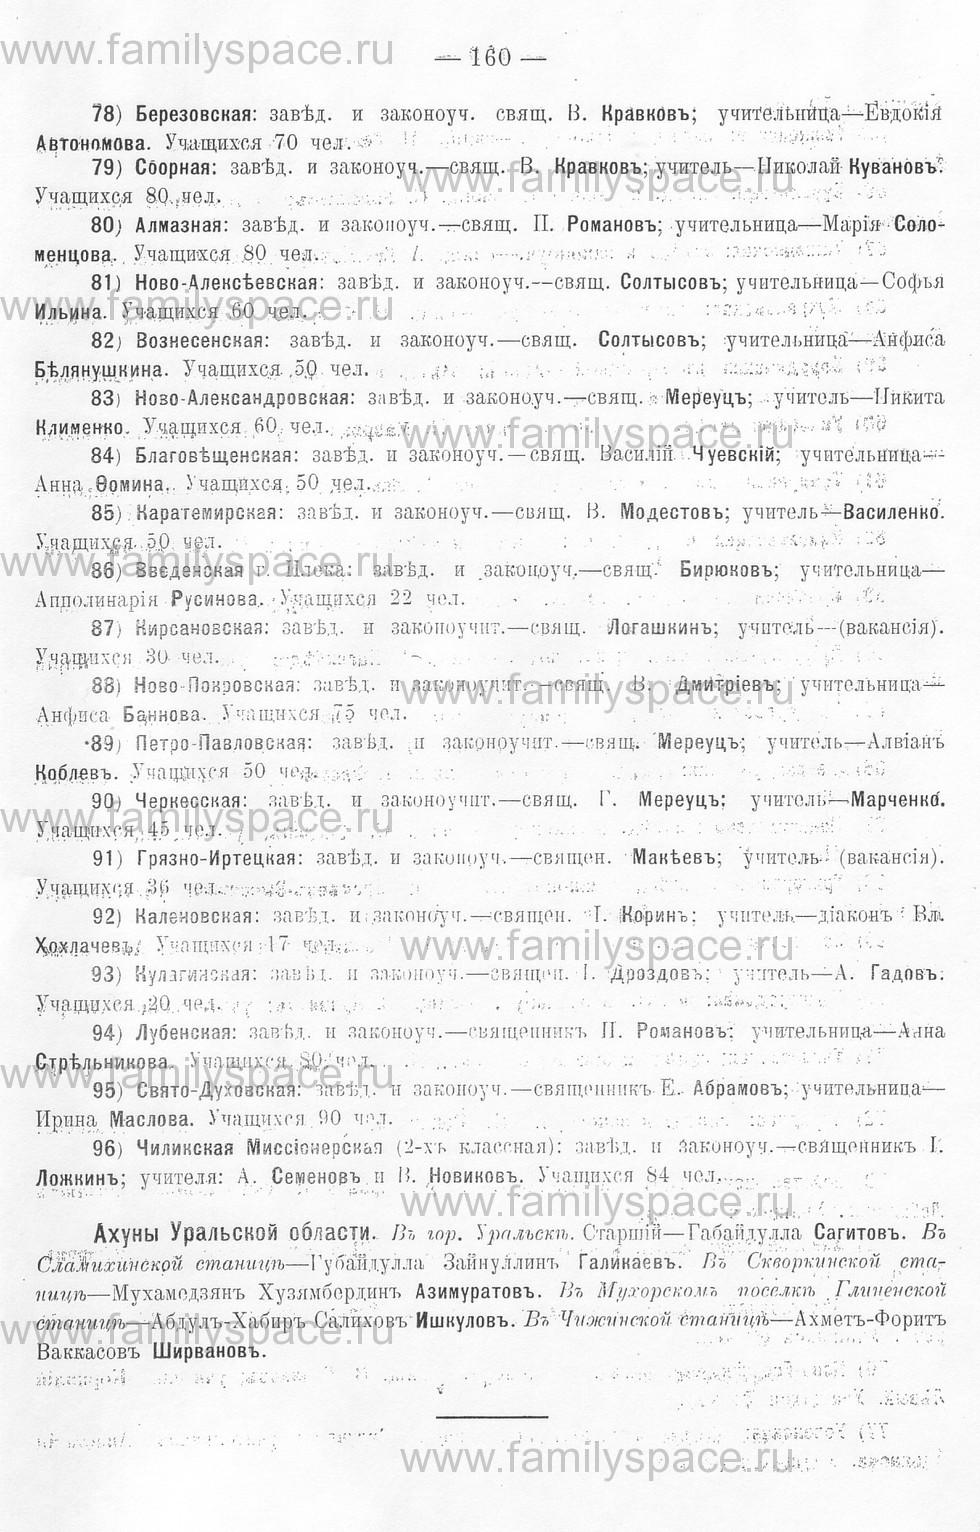 Поиск по фамилии - Памятная книжка Уральской области на 1913 год, страница 160